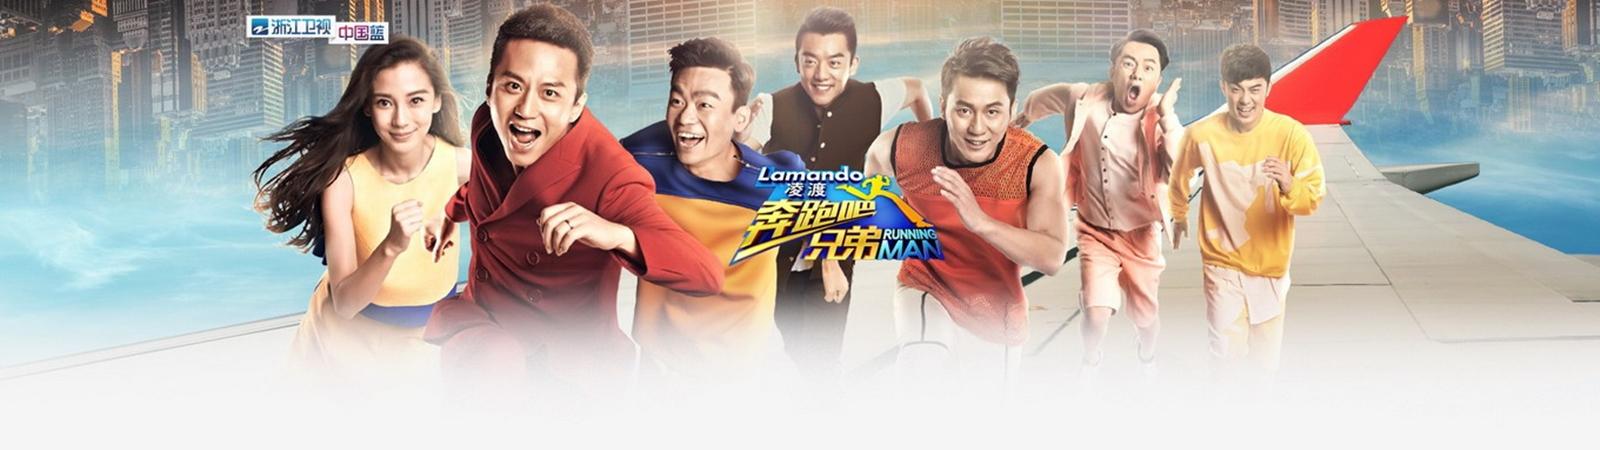 Running Man Bản Trung Quốc - Đại Hội Thể Thao Đầu Năm